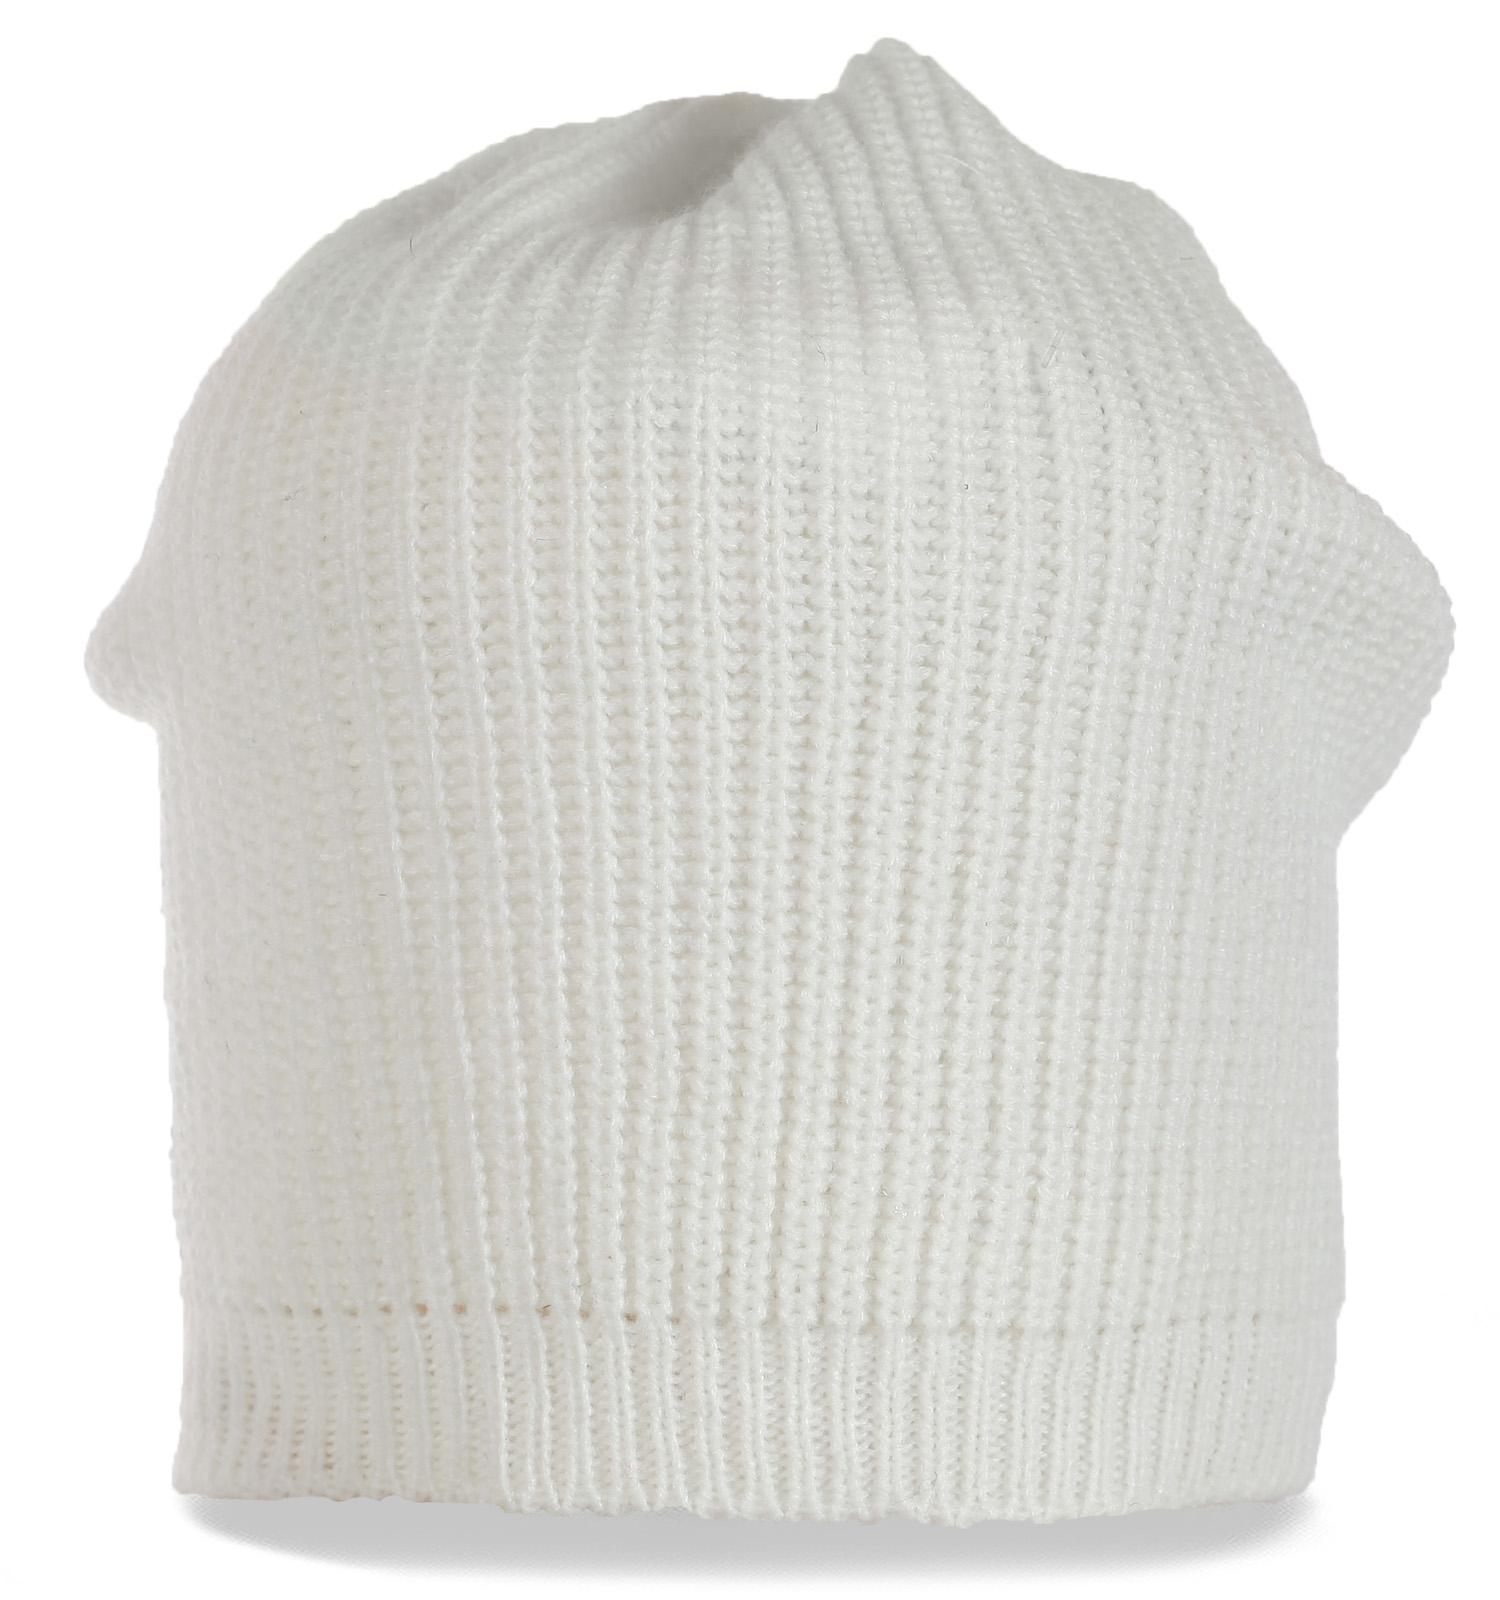 Лаконичная трикотажная женская шапка бини